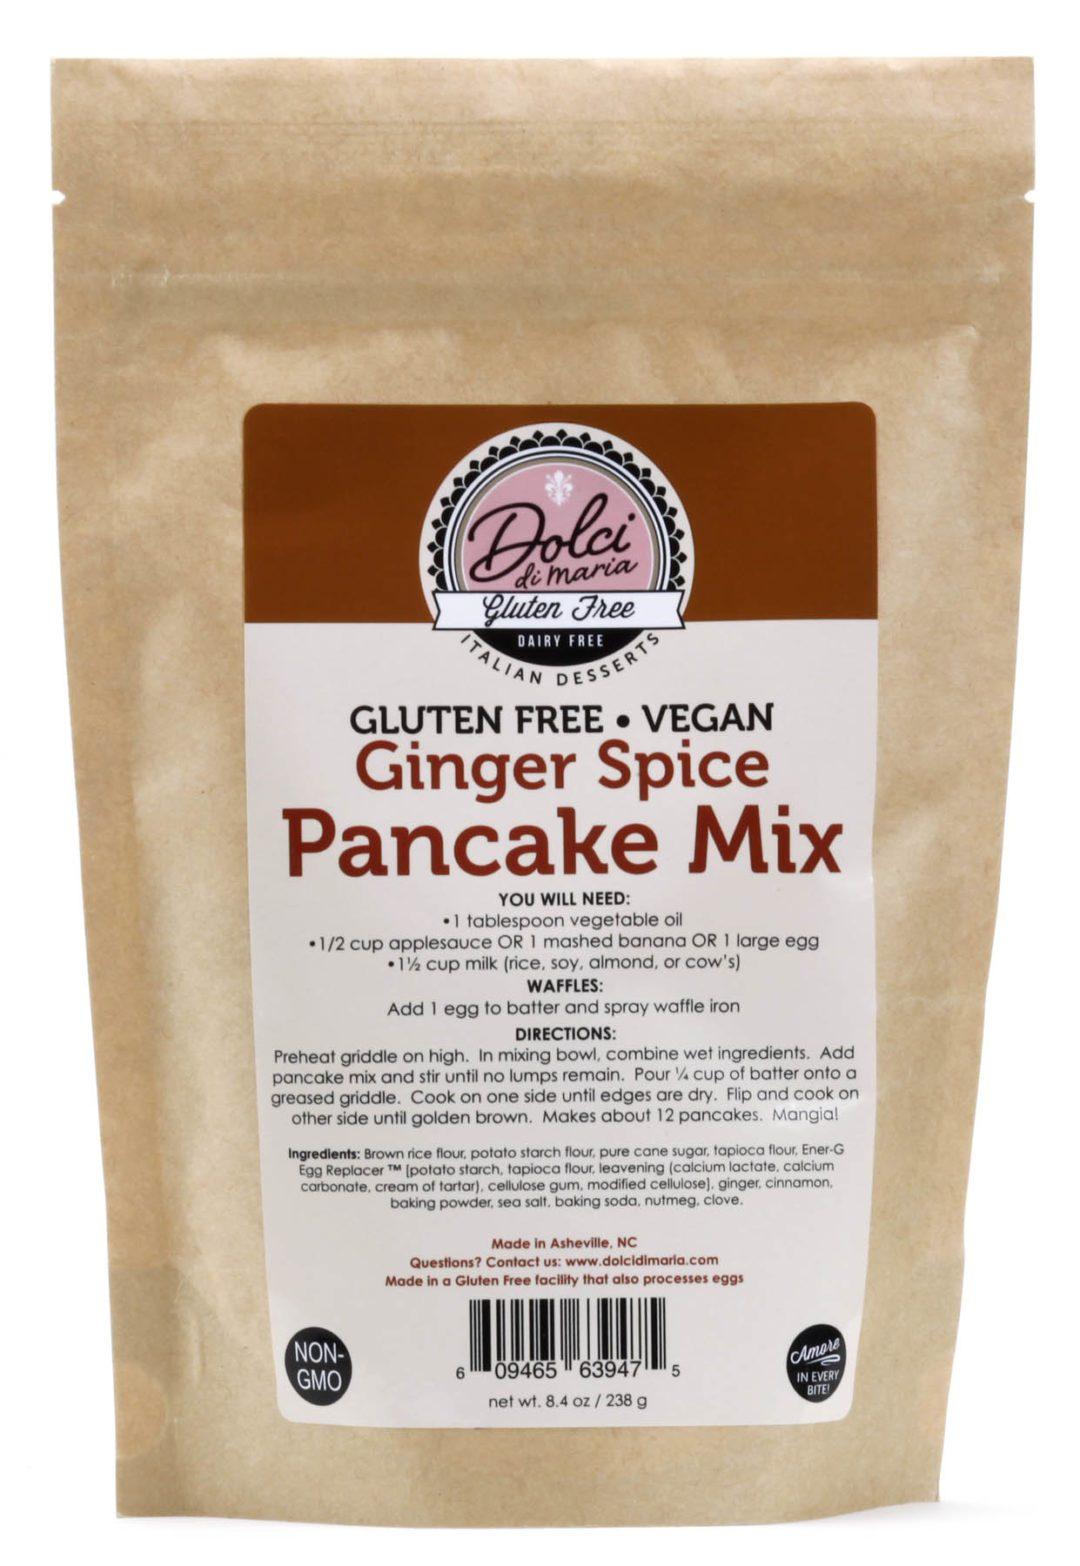 Dolci di Maria Ginger Spice Pancake Mix